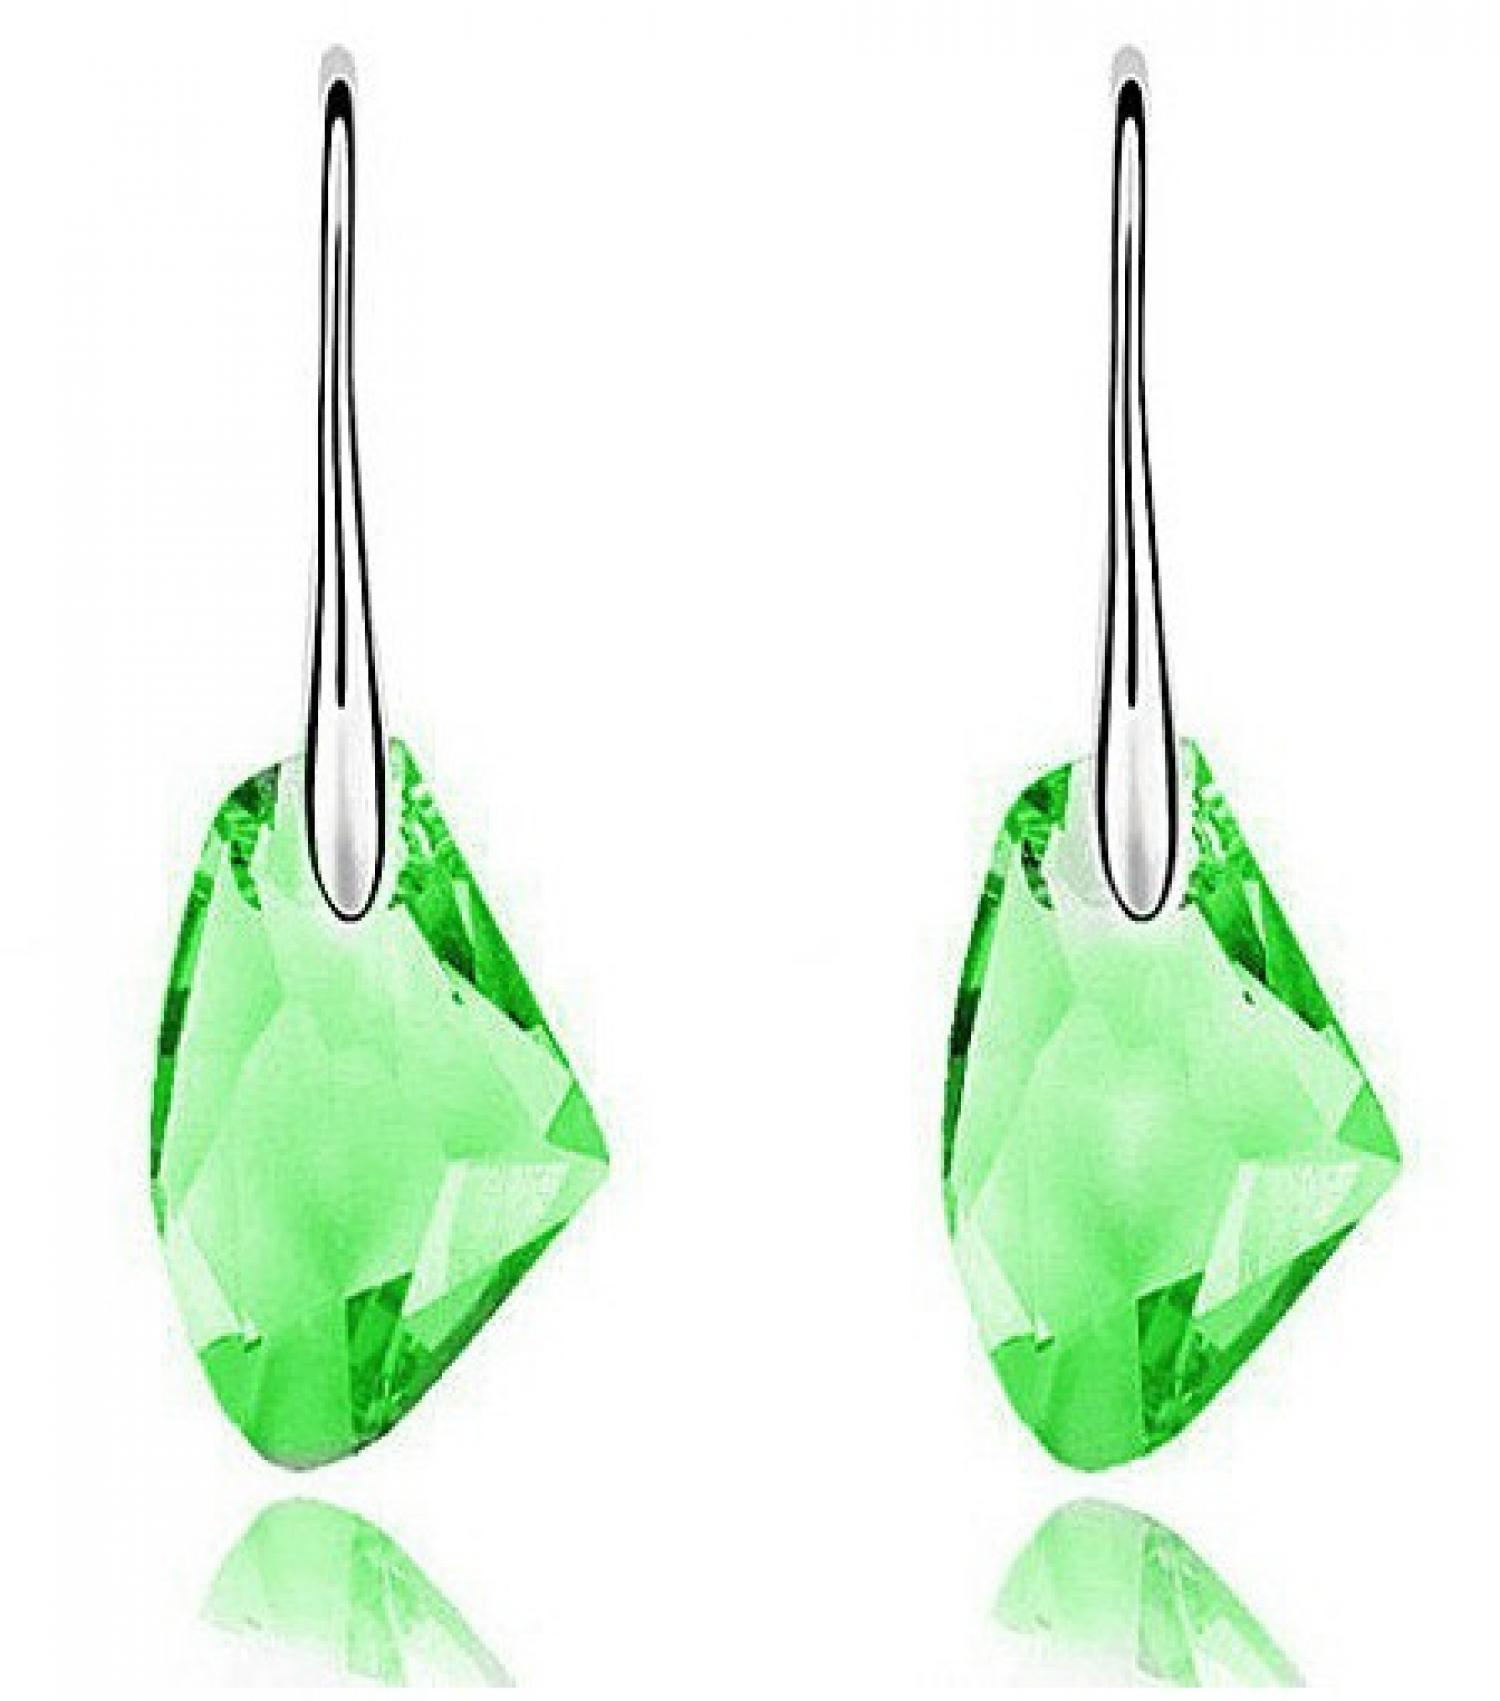 Swan Crystal Earrings Drop Diamond 925 Sterling Silver / Anting Wanita